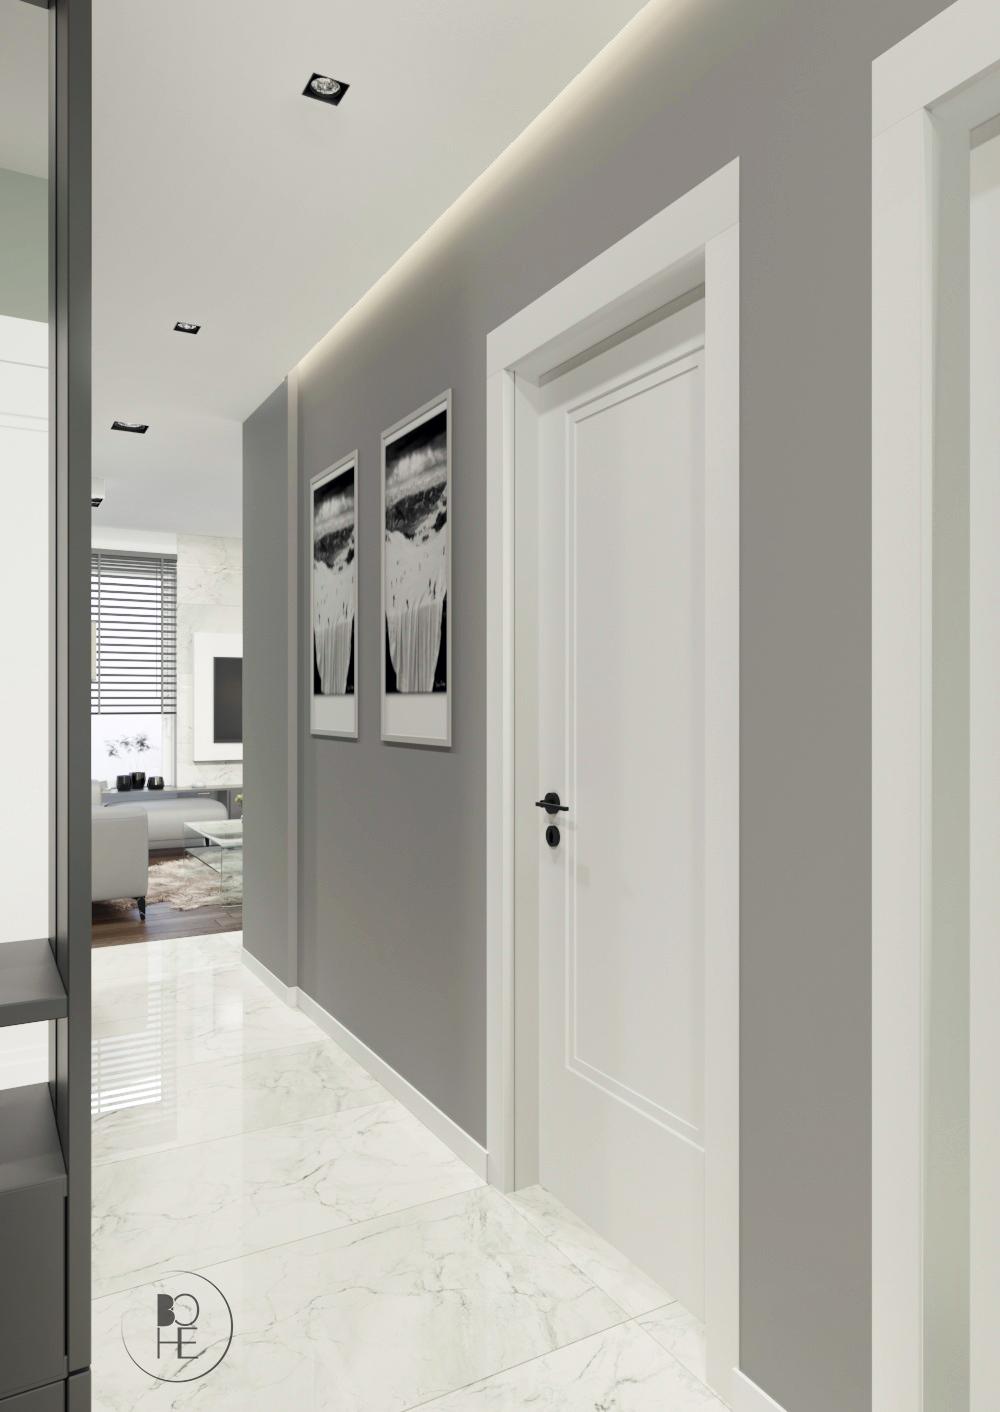 projekt korytarza z podwieszanym sufitem w szarym kolorze